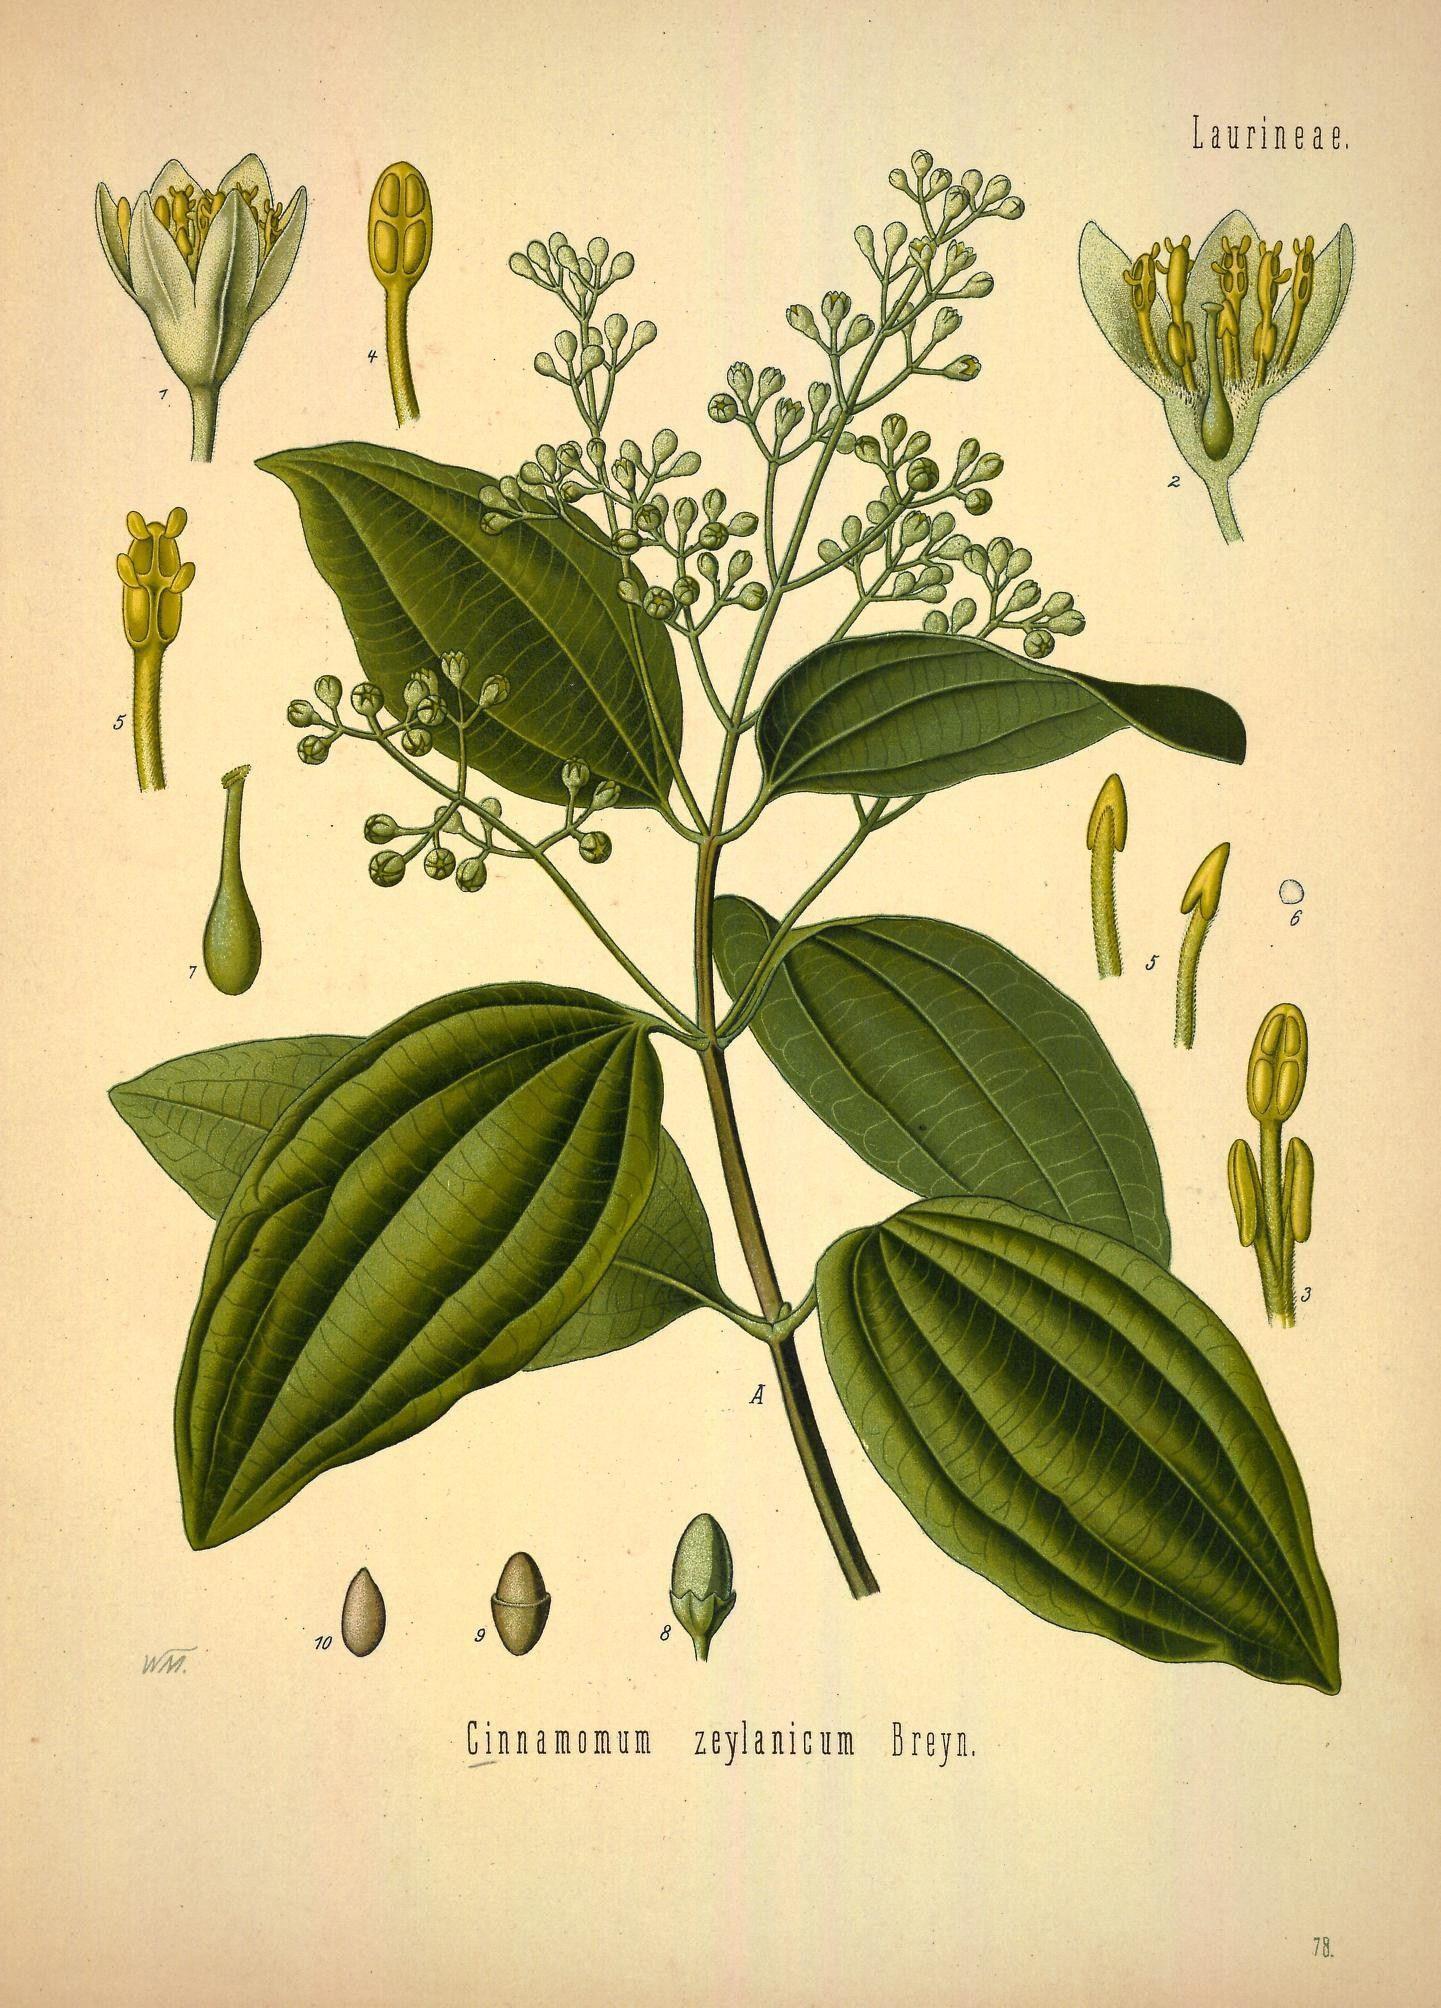 Plant-illustration-of-Cinnamon